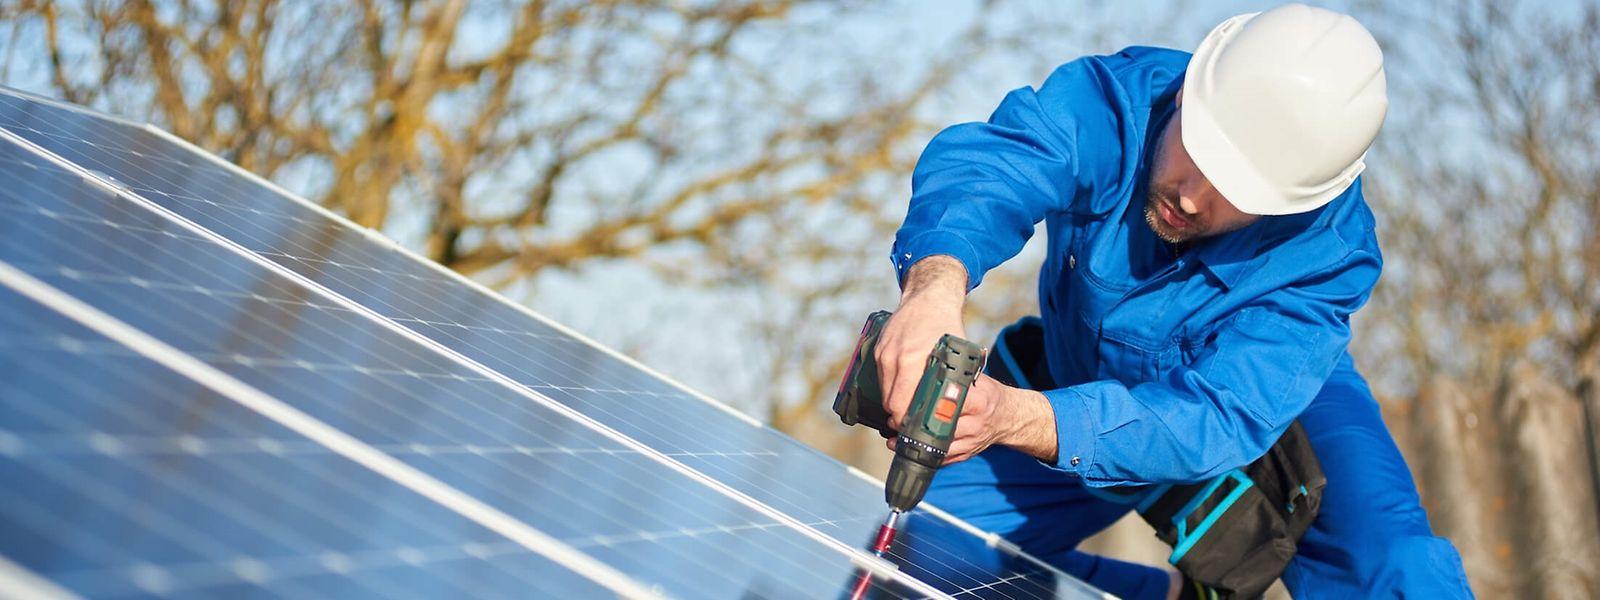 Depuis le 1er janvier, la suppression des charges et redevances rend l'électricité autoconsommée économiquement intéressante.